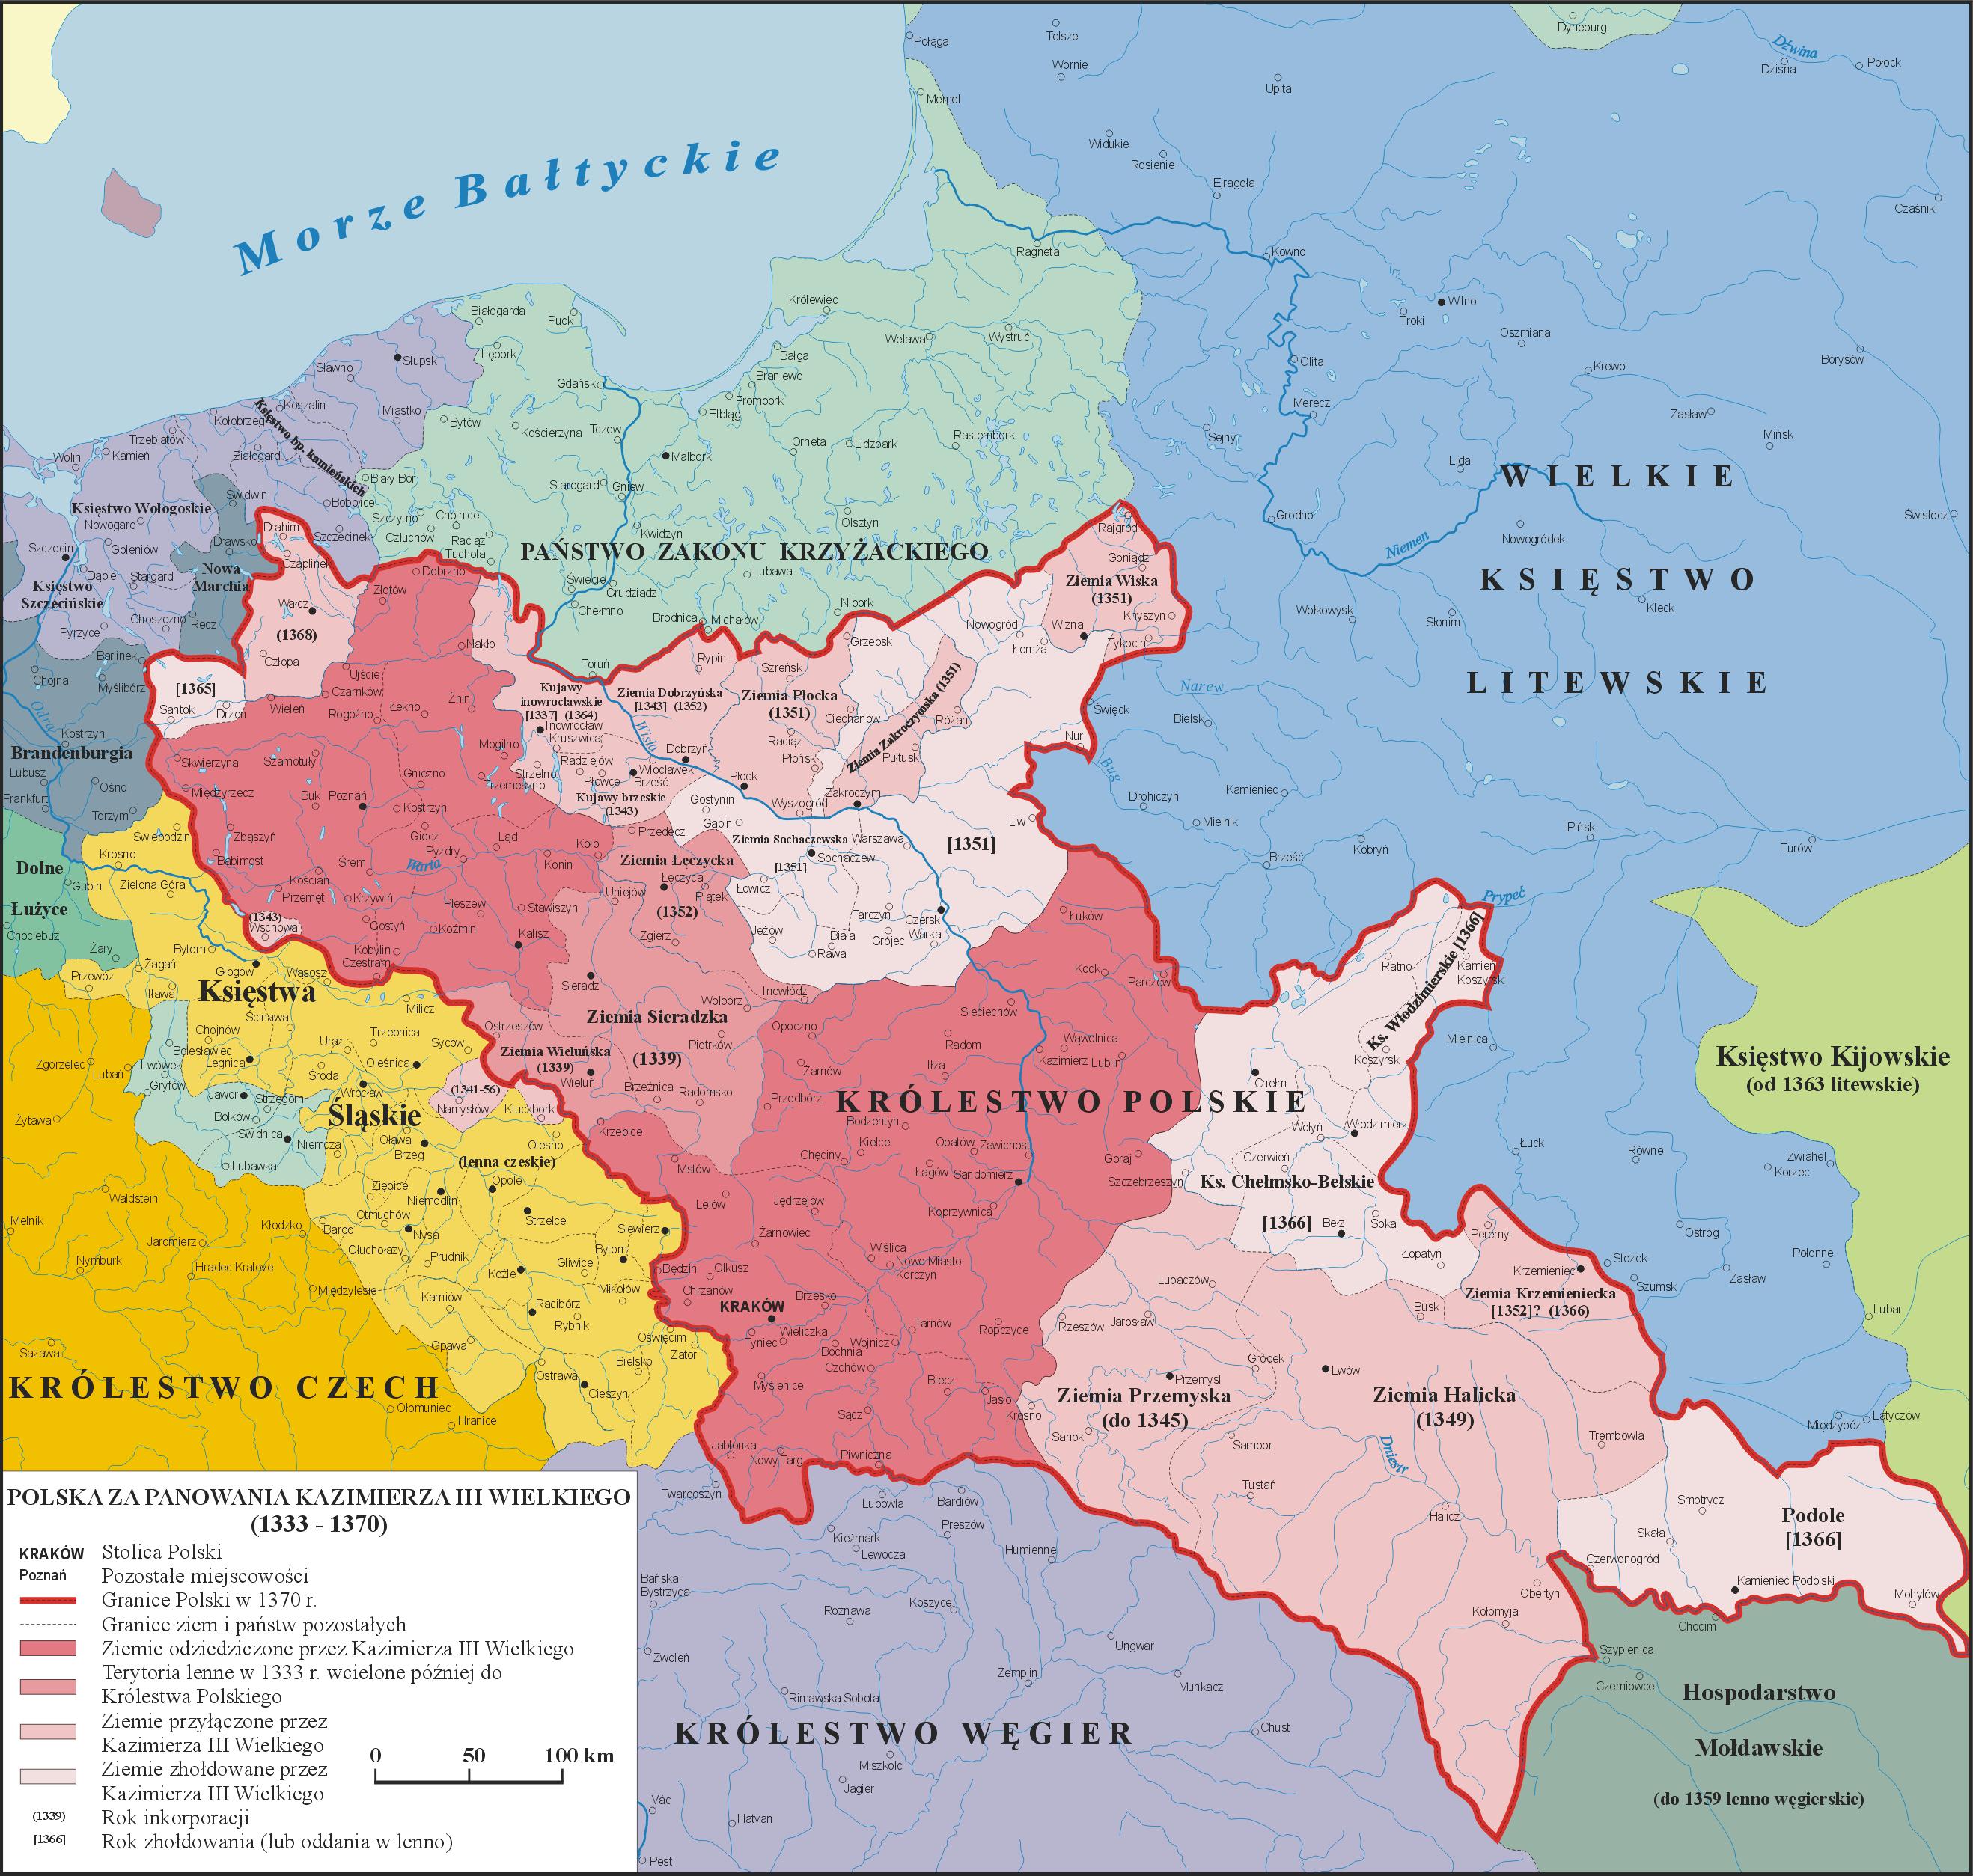 Mapa rozwoju Polski w latach 1333-1370